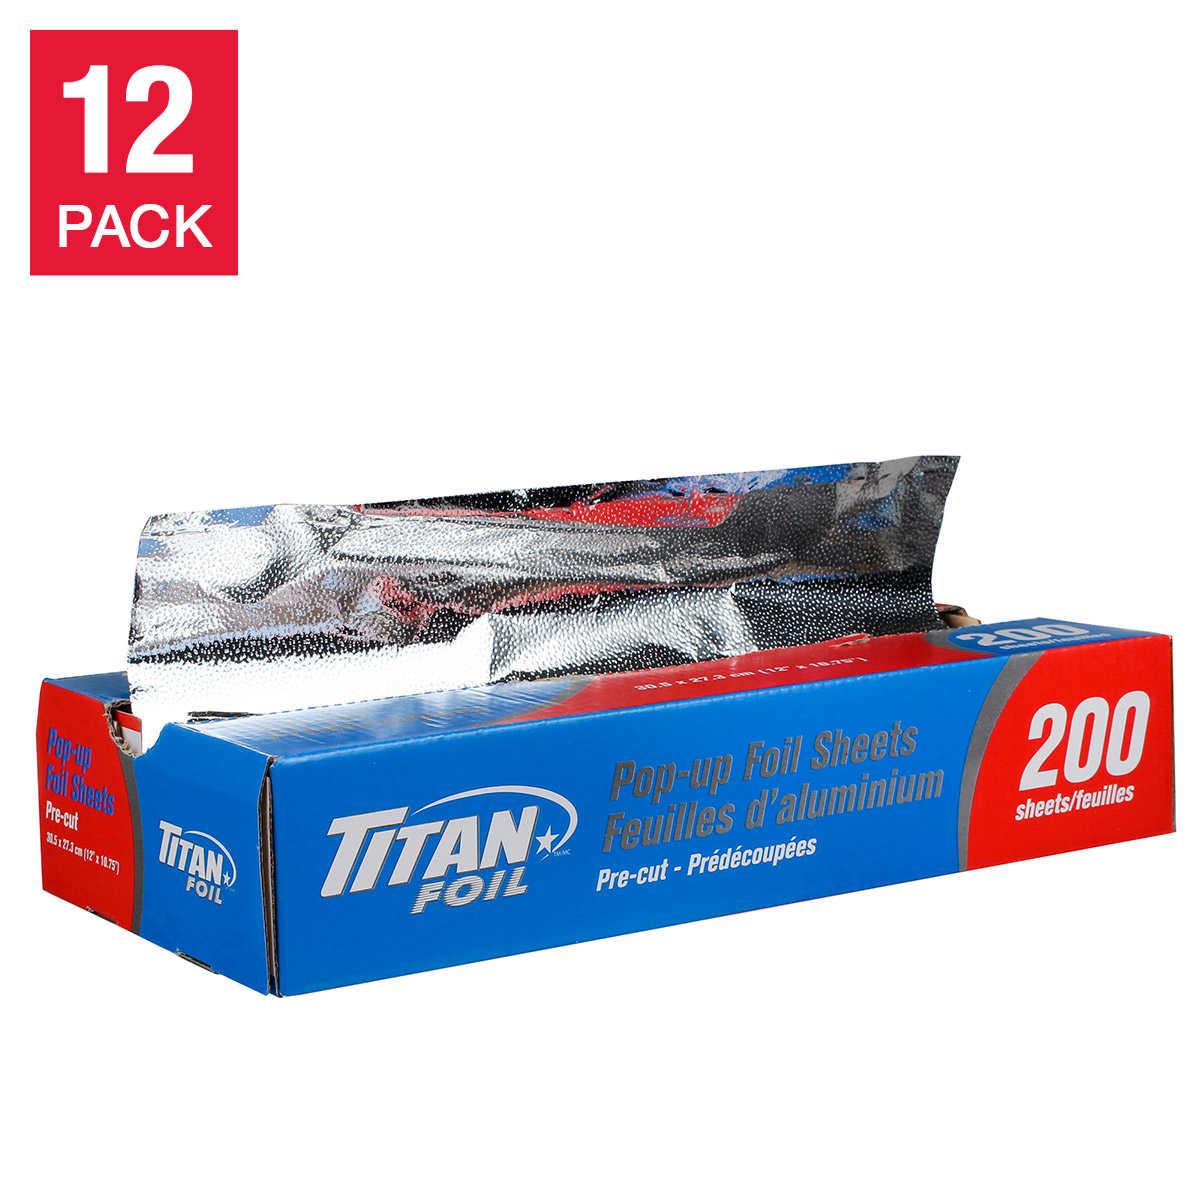 Titan Foil Pop-up Sheets 2,400-count